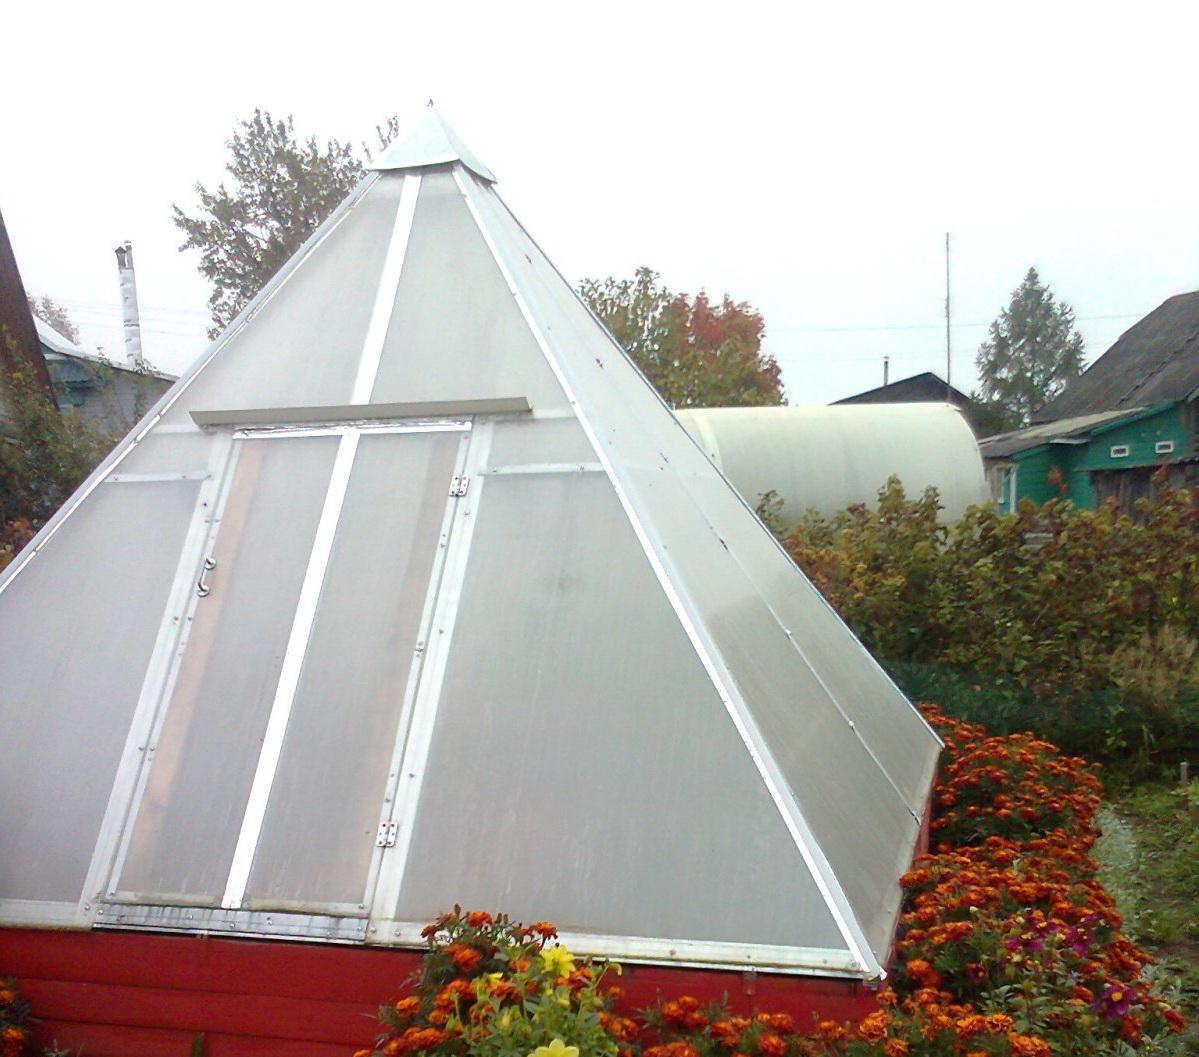 Пирамидальная теплица обшита поликарбонатом